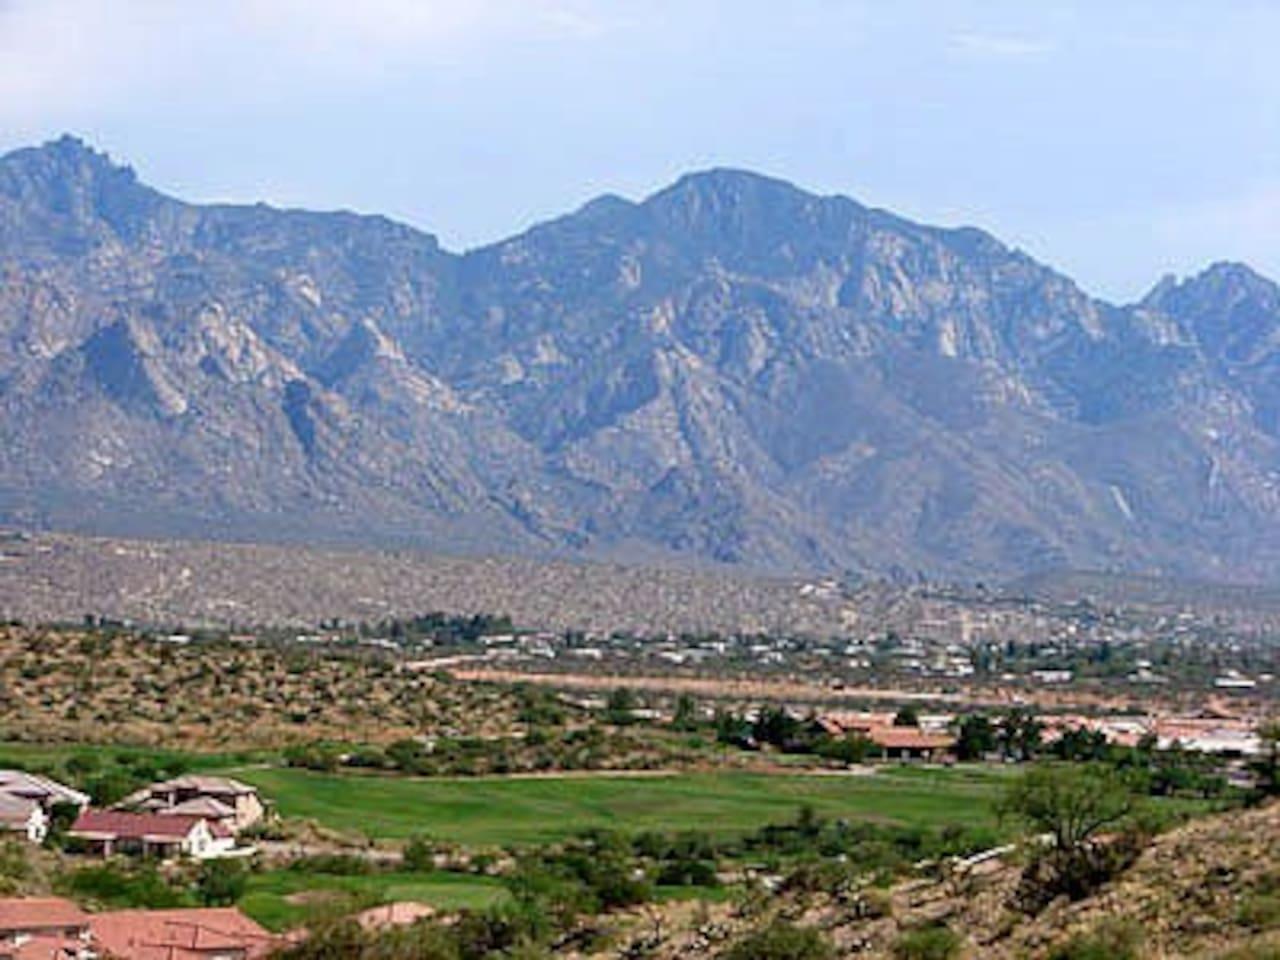 BEAUTIFUL MOUNTAIN VIEWS AS YOU ENTER THE COMMUNITY